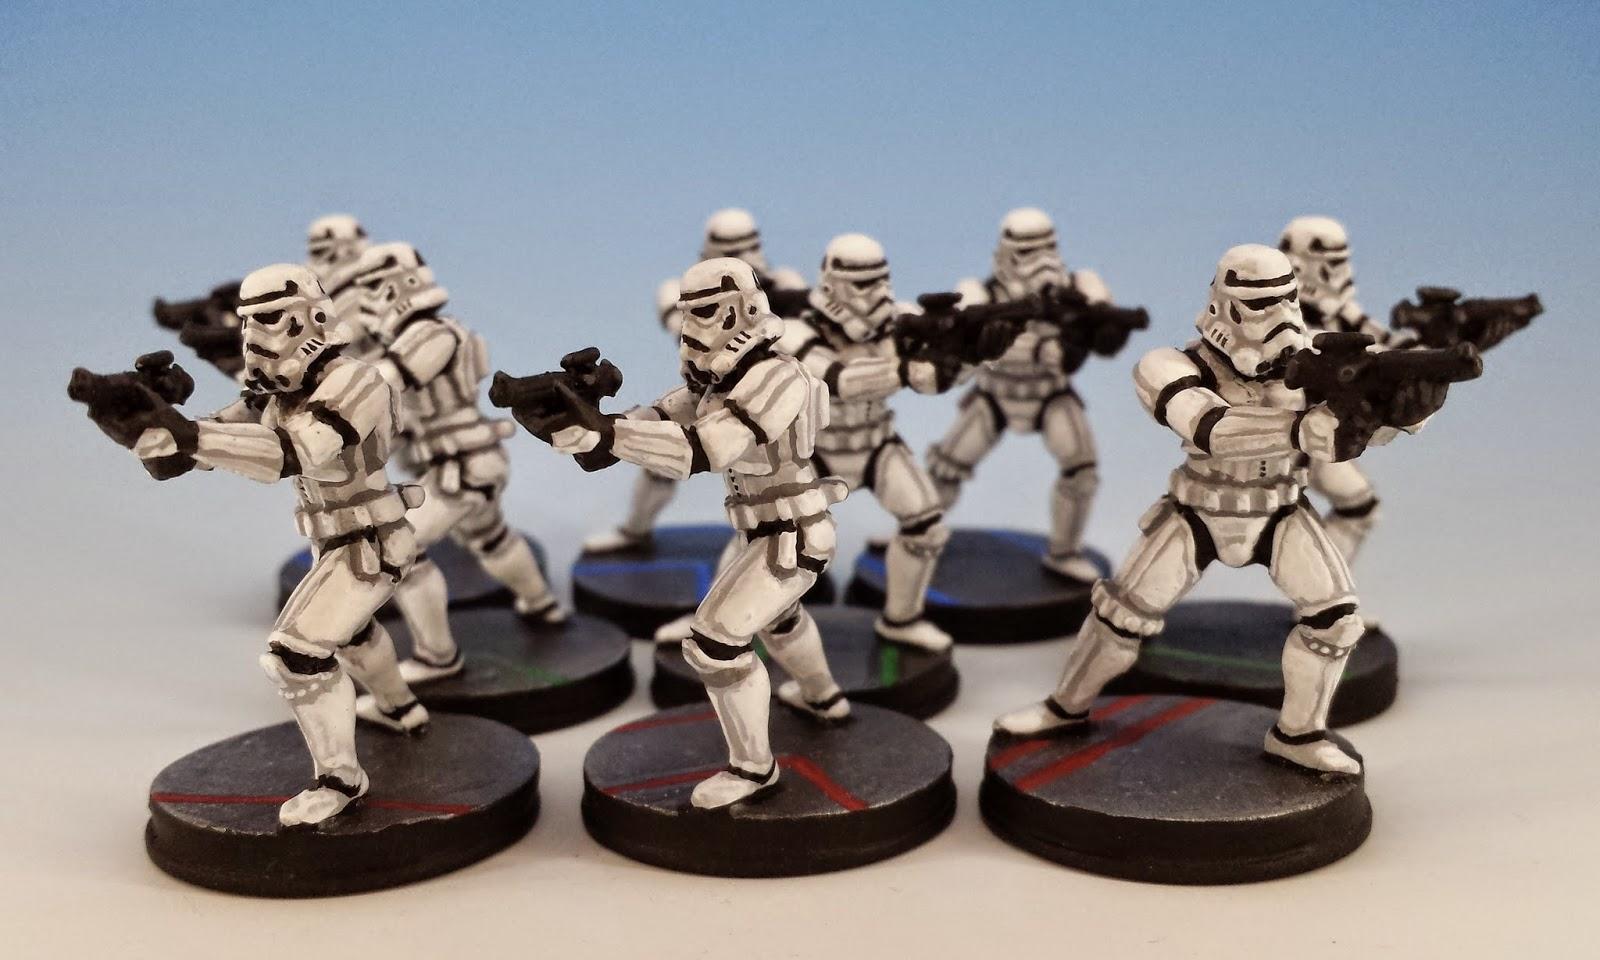 Star_Wars_Miniatures_Storm_Troopers_Oldenhammer_005.jpg